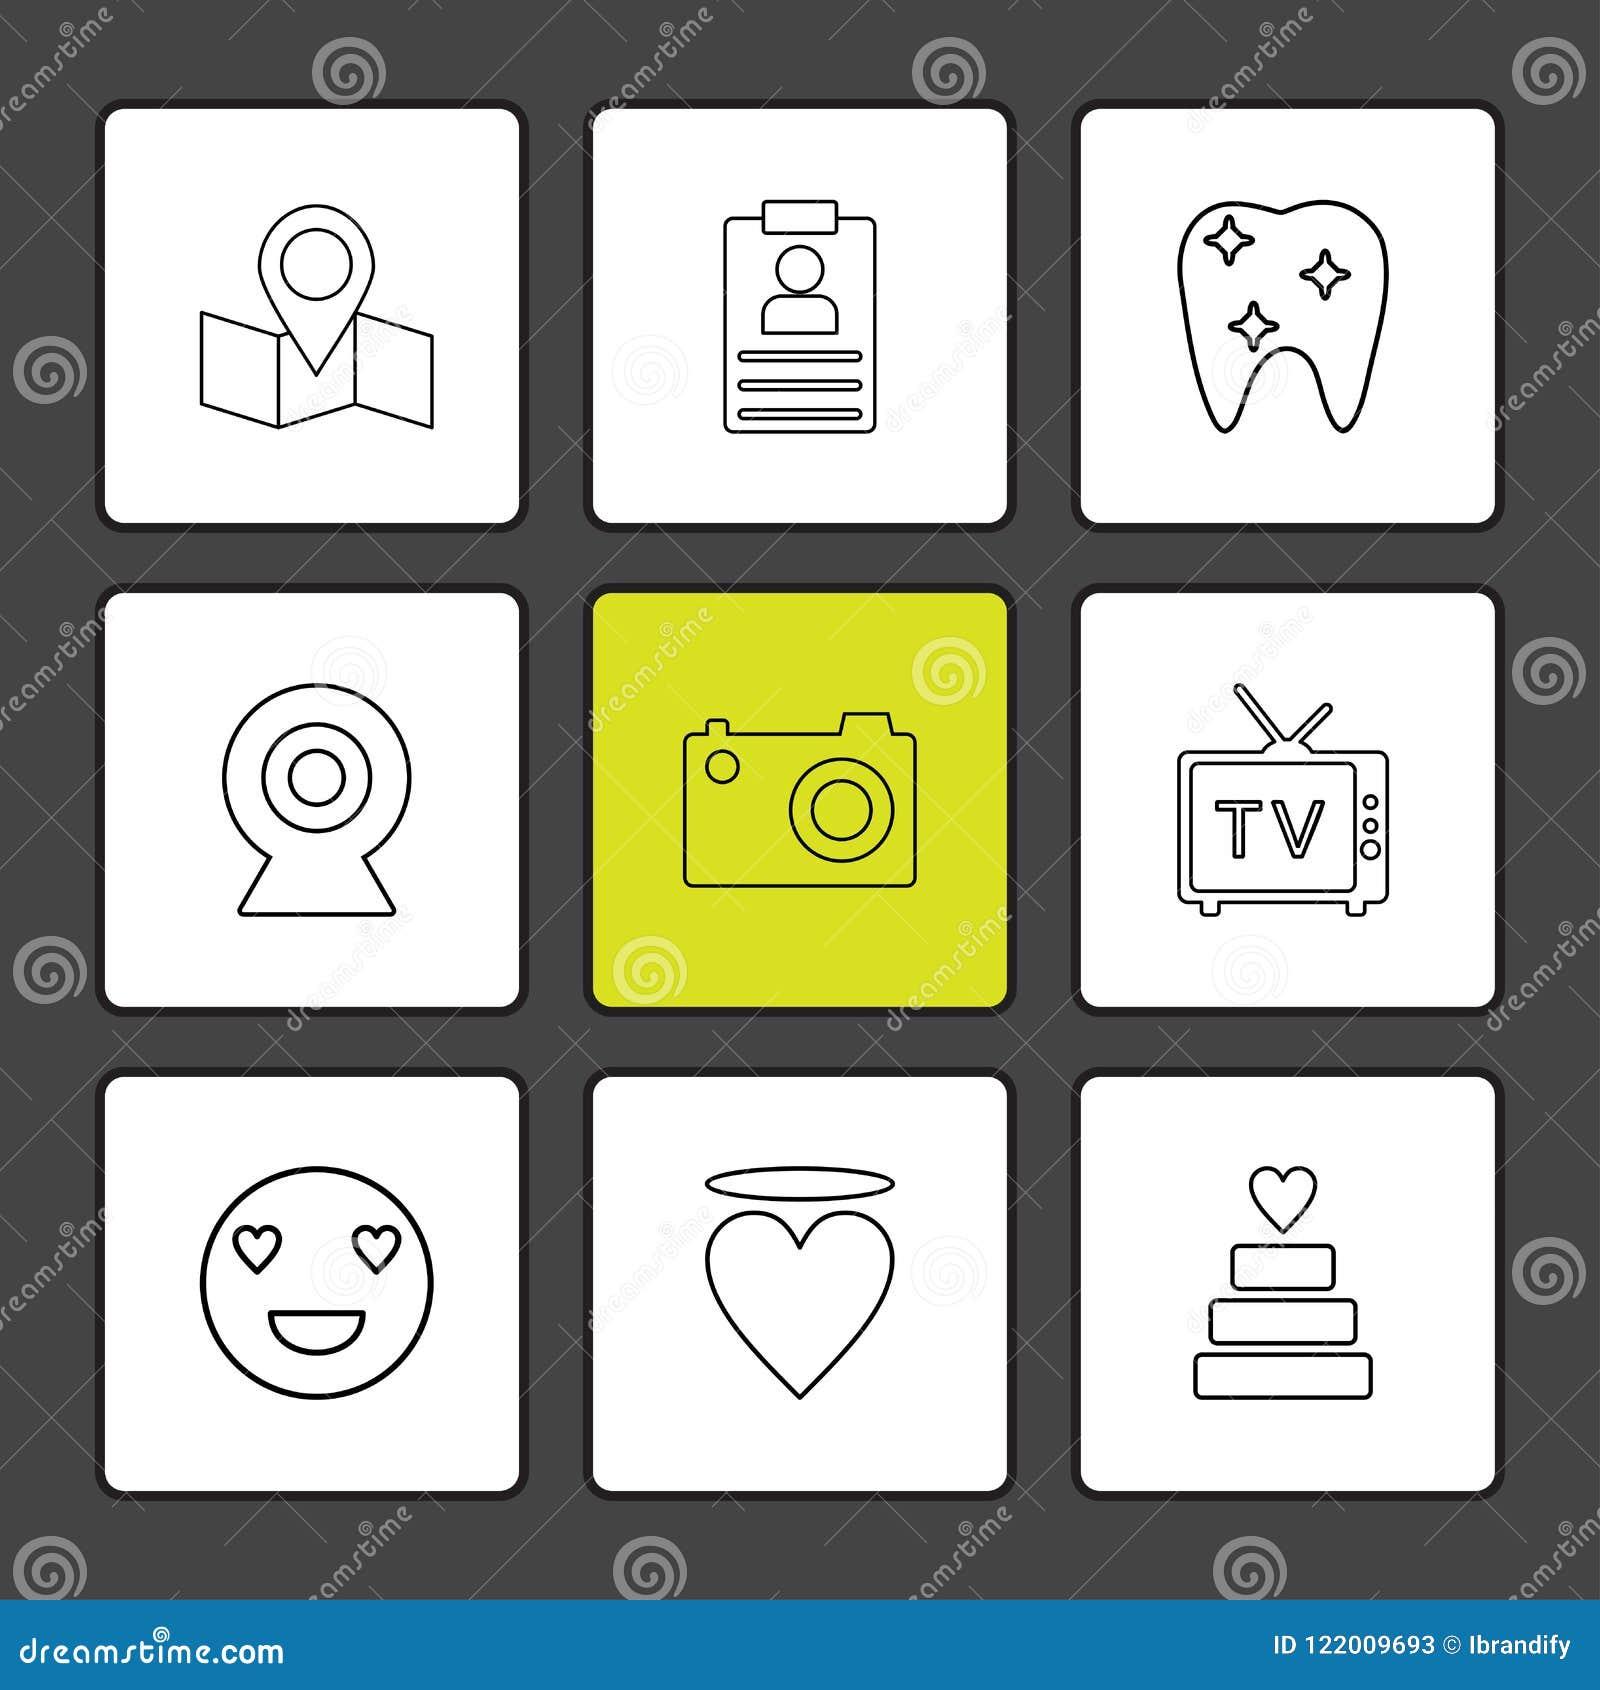 översikt navigering, tänder, kamera, tv, hjärta, emoji, kaka,